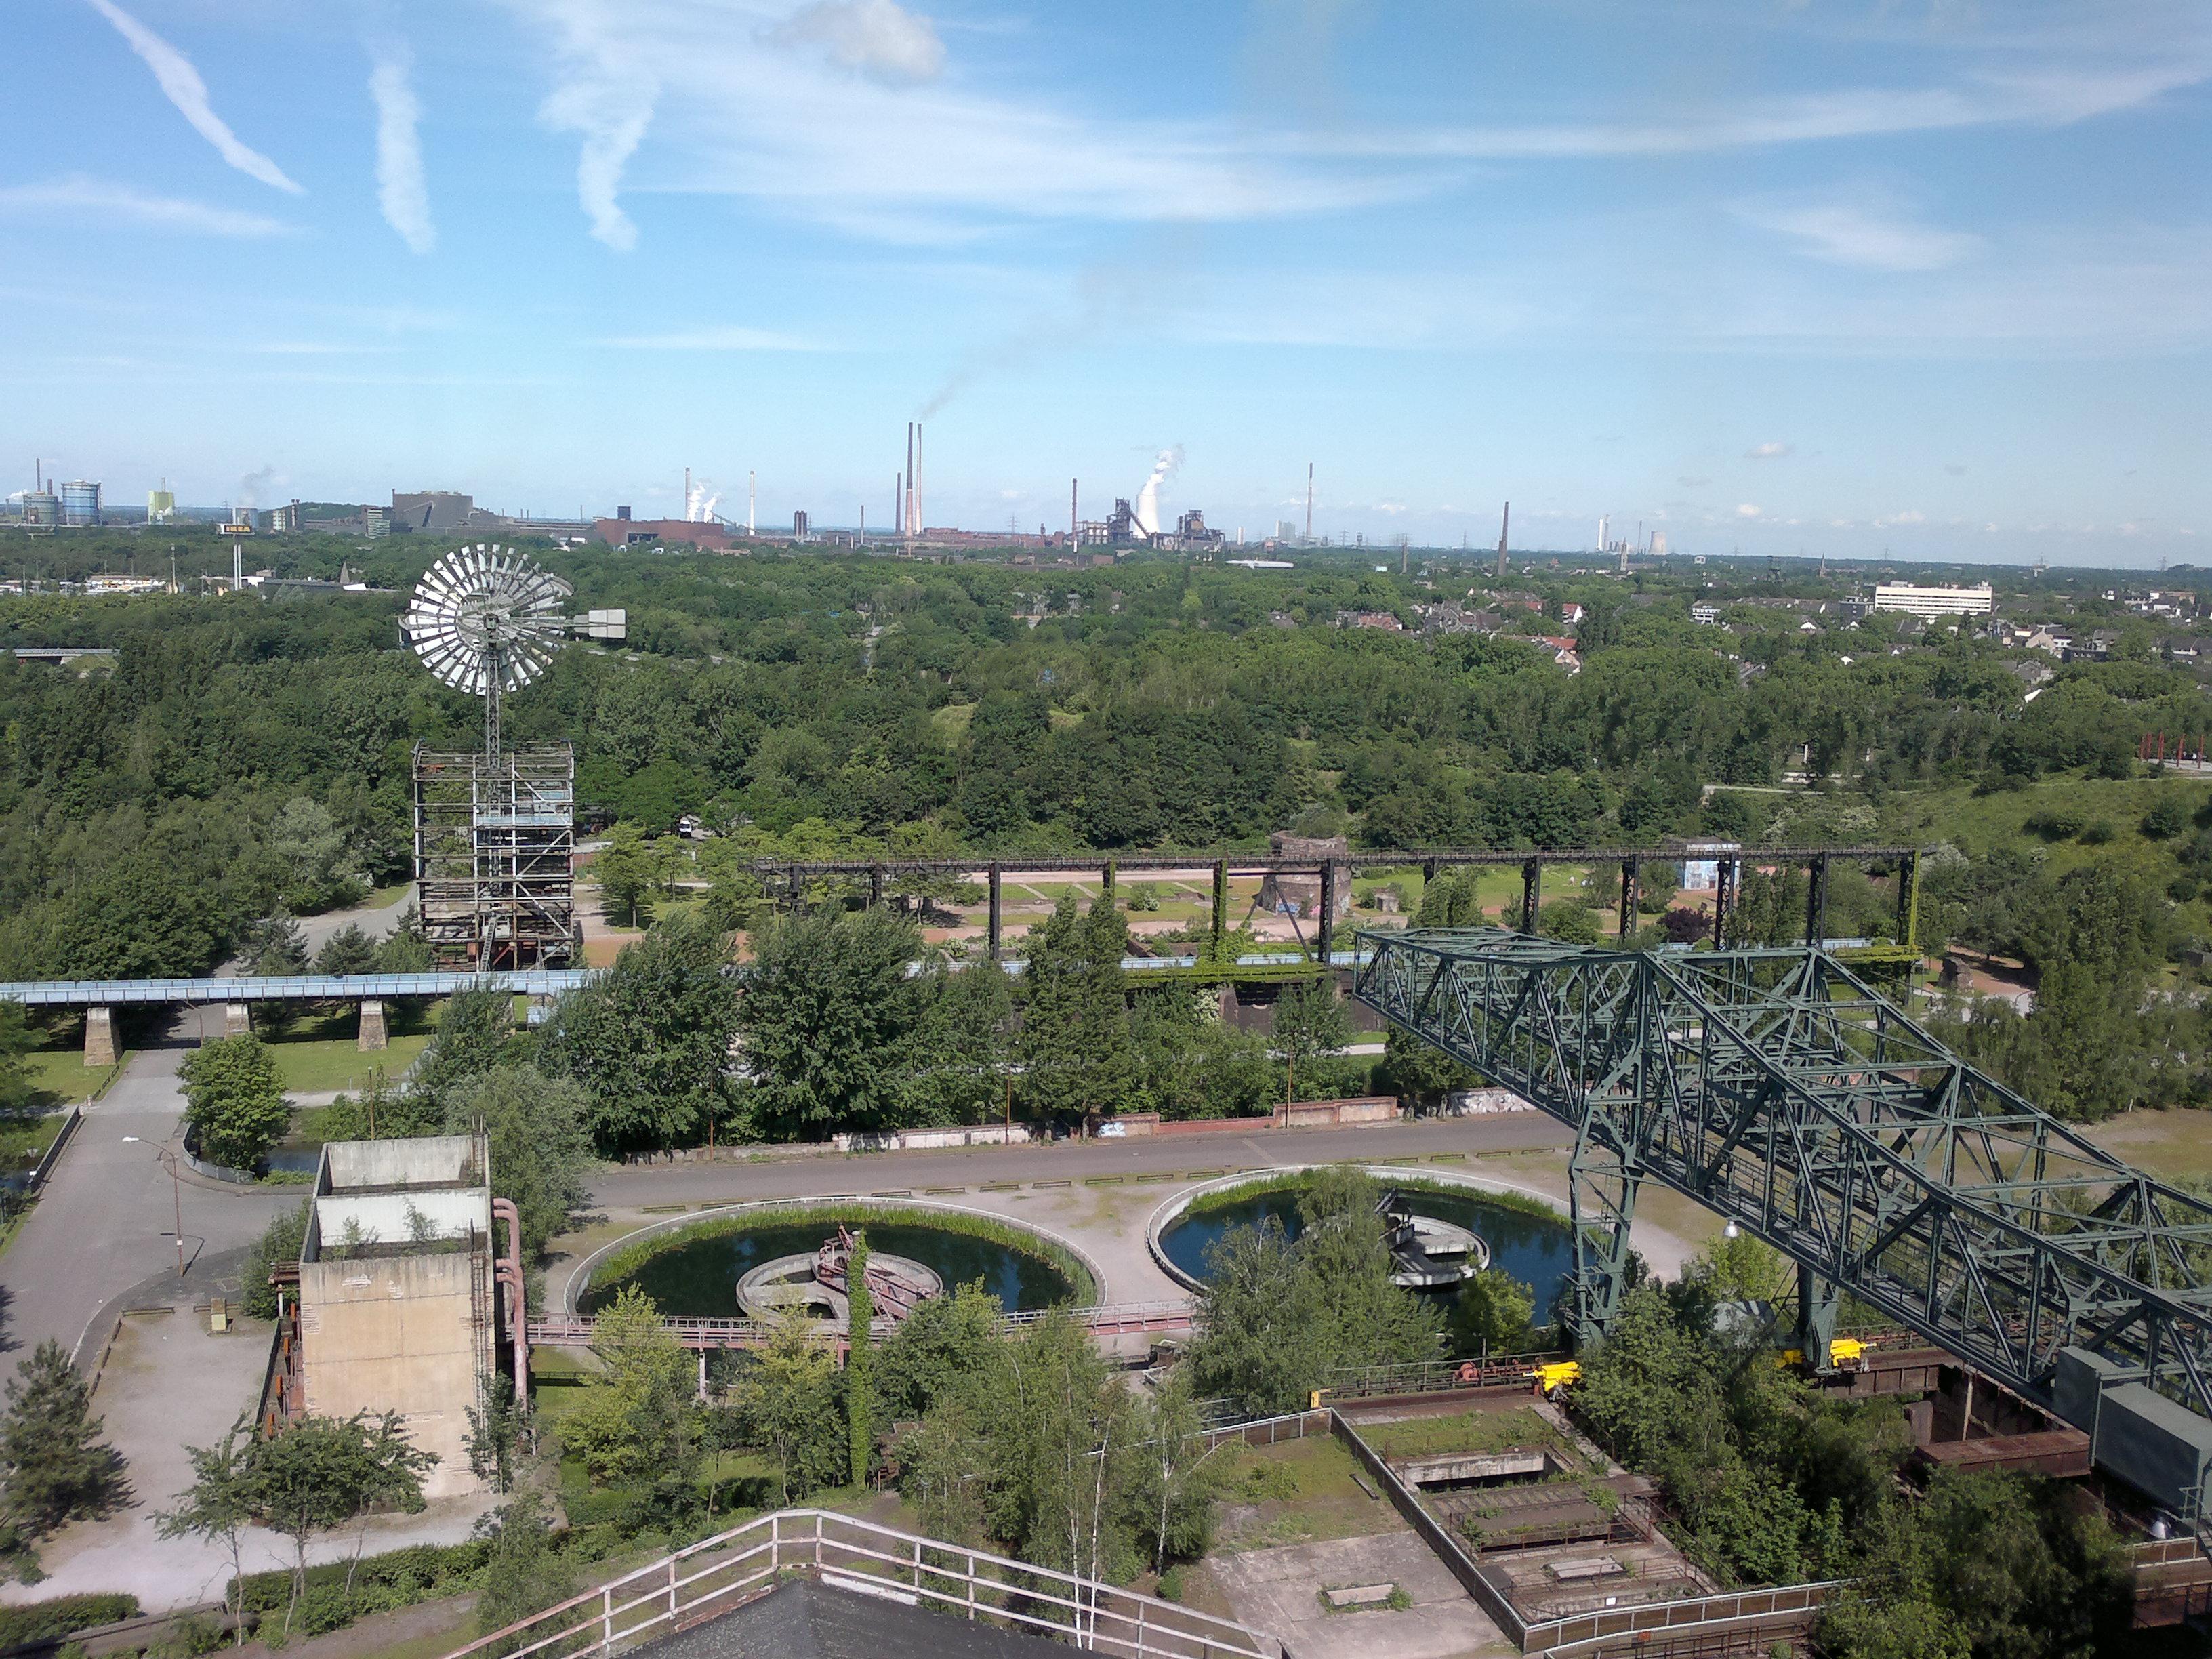 Gute Aussichten für Hanghühner im Landschaftspark Duisburg Nord